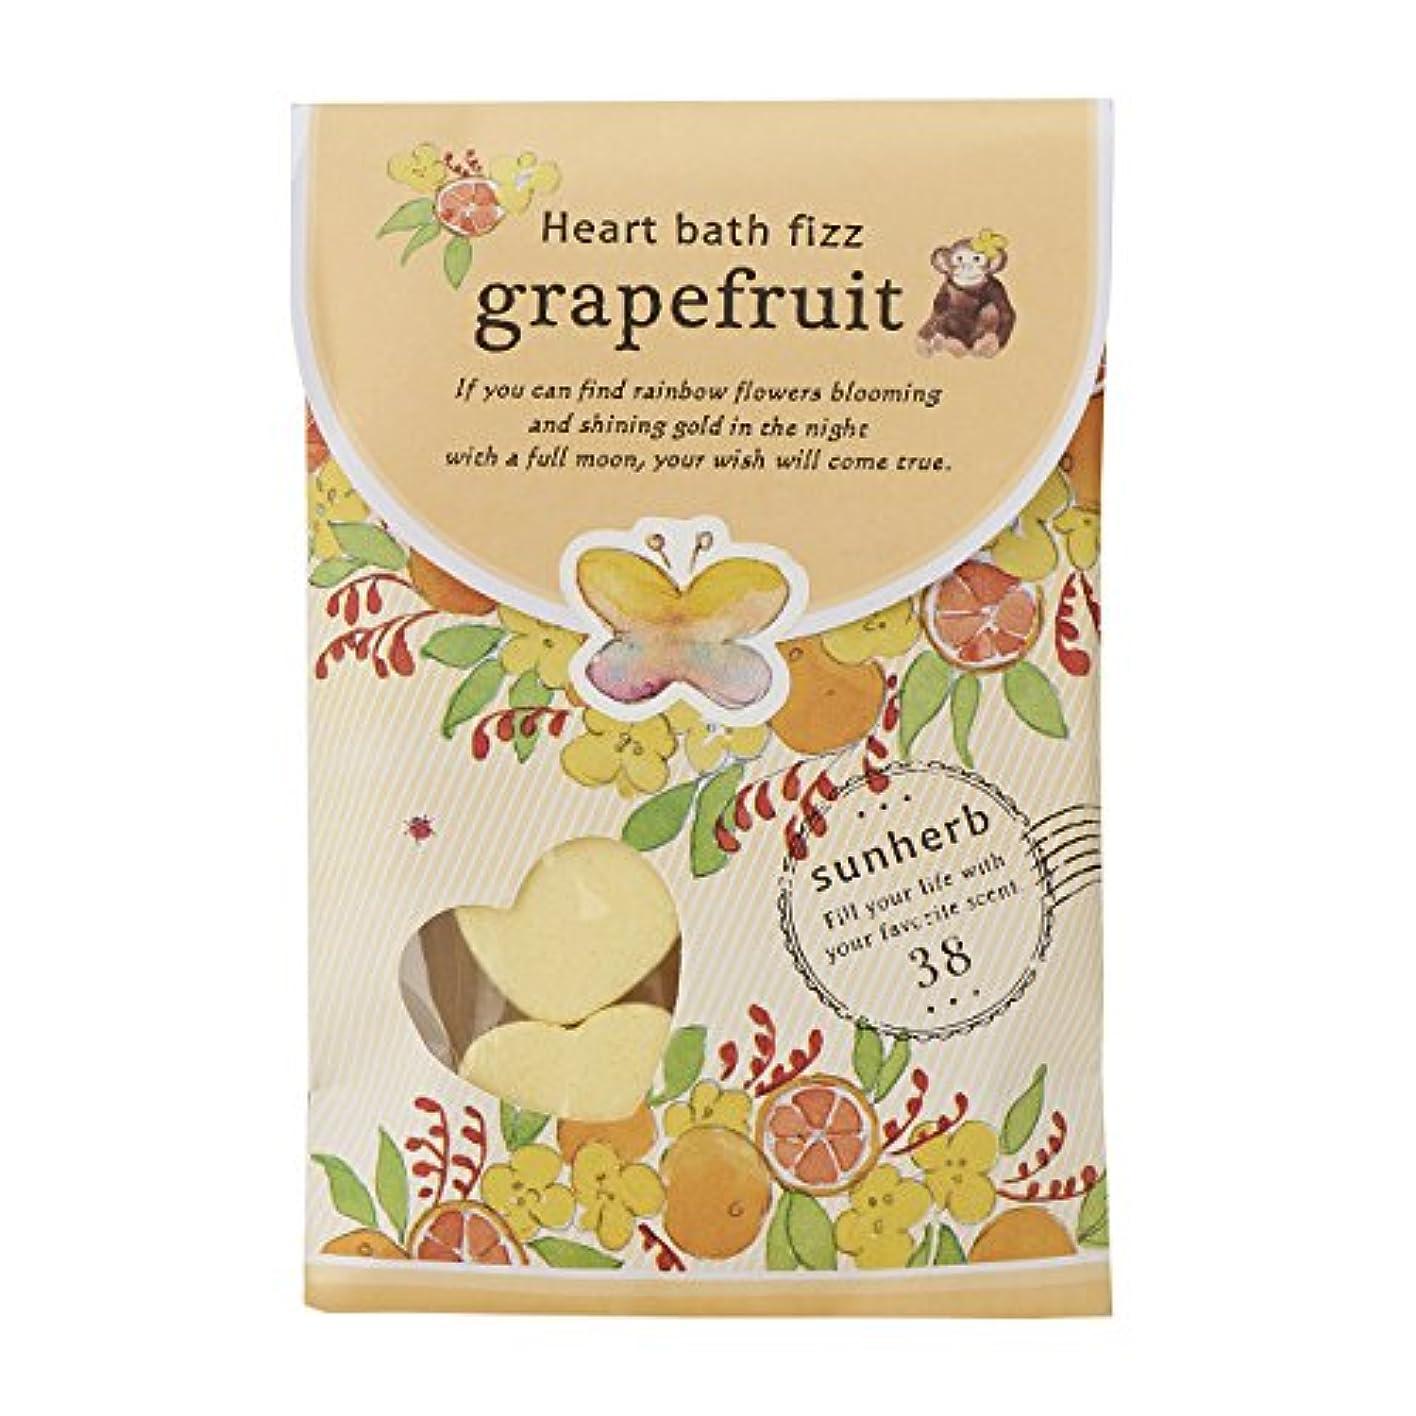 機転噴火サラミサンハーブ ハートバスフィズ28g×2包 グレープフルーツ(発泡タイプの入浴料 シャキっとまぶしい柑橘系の香り)